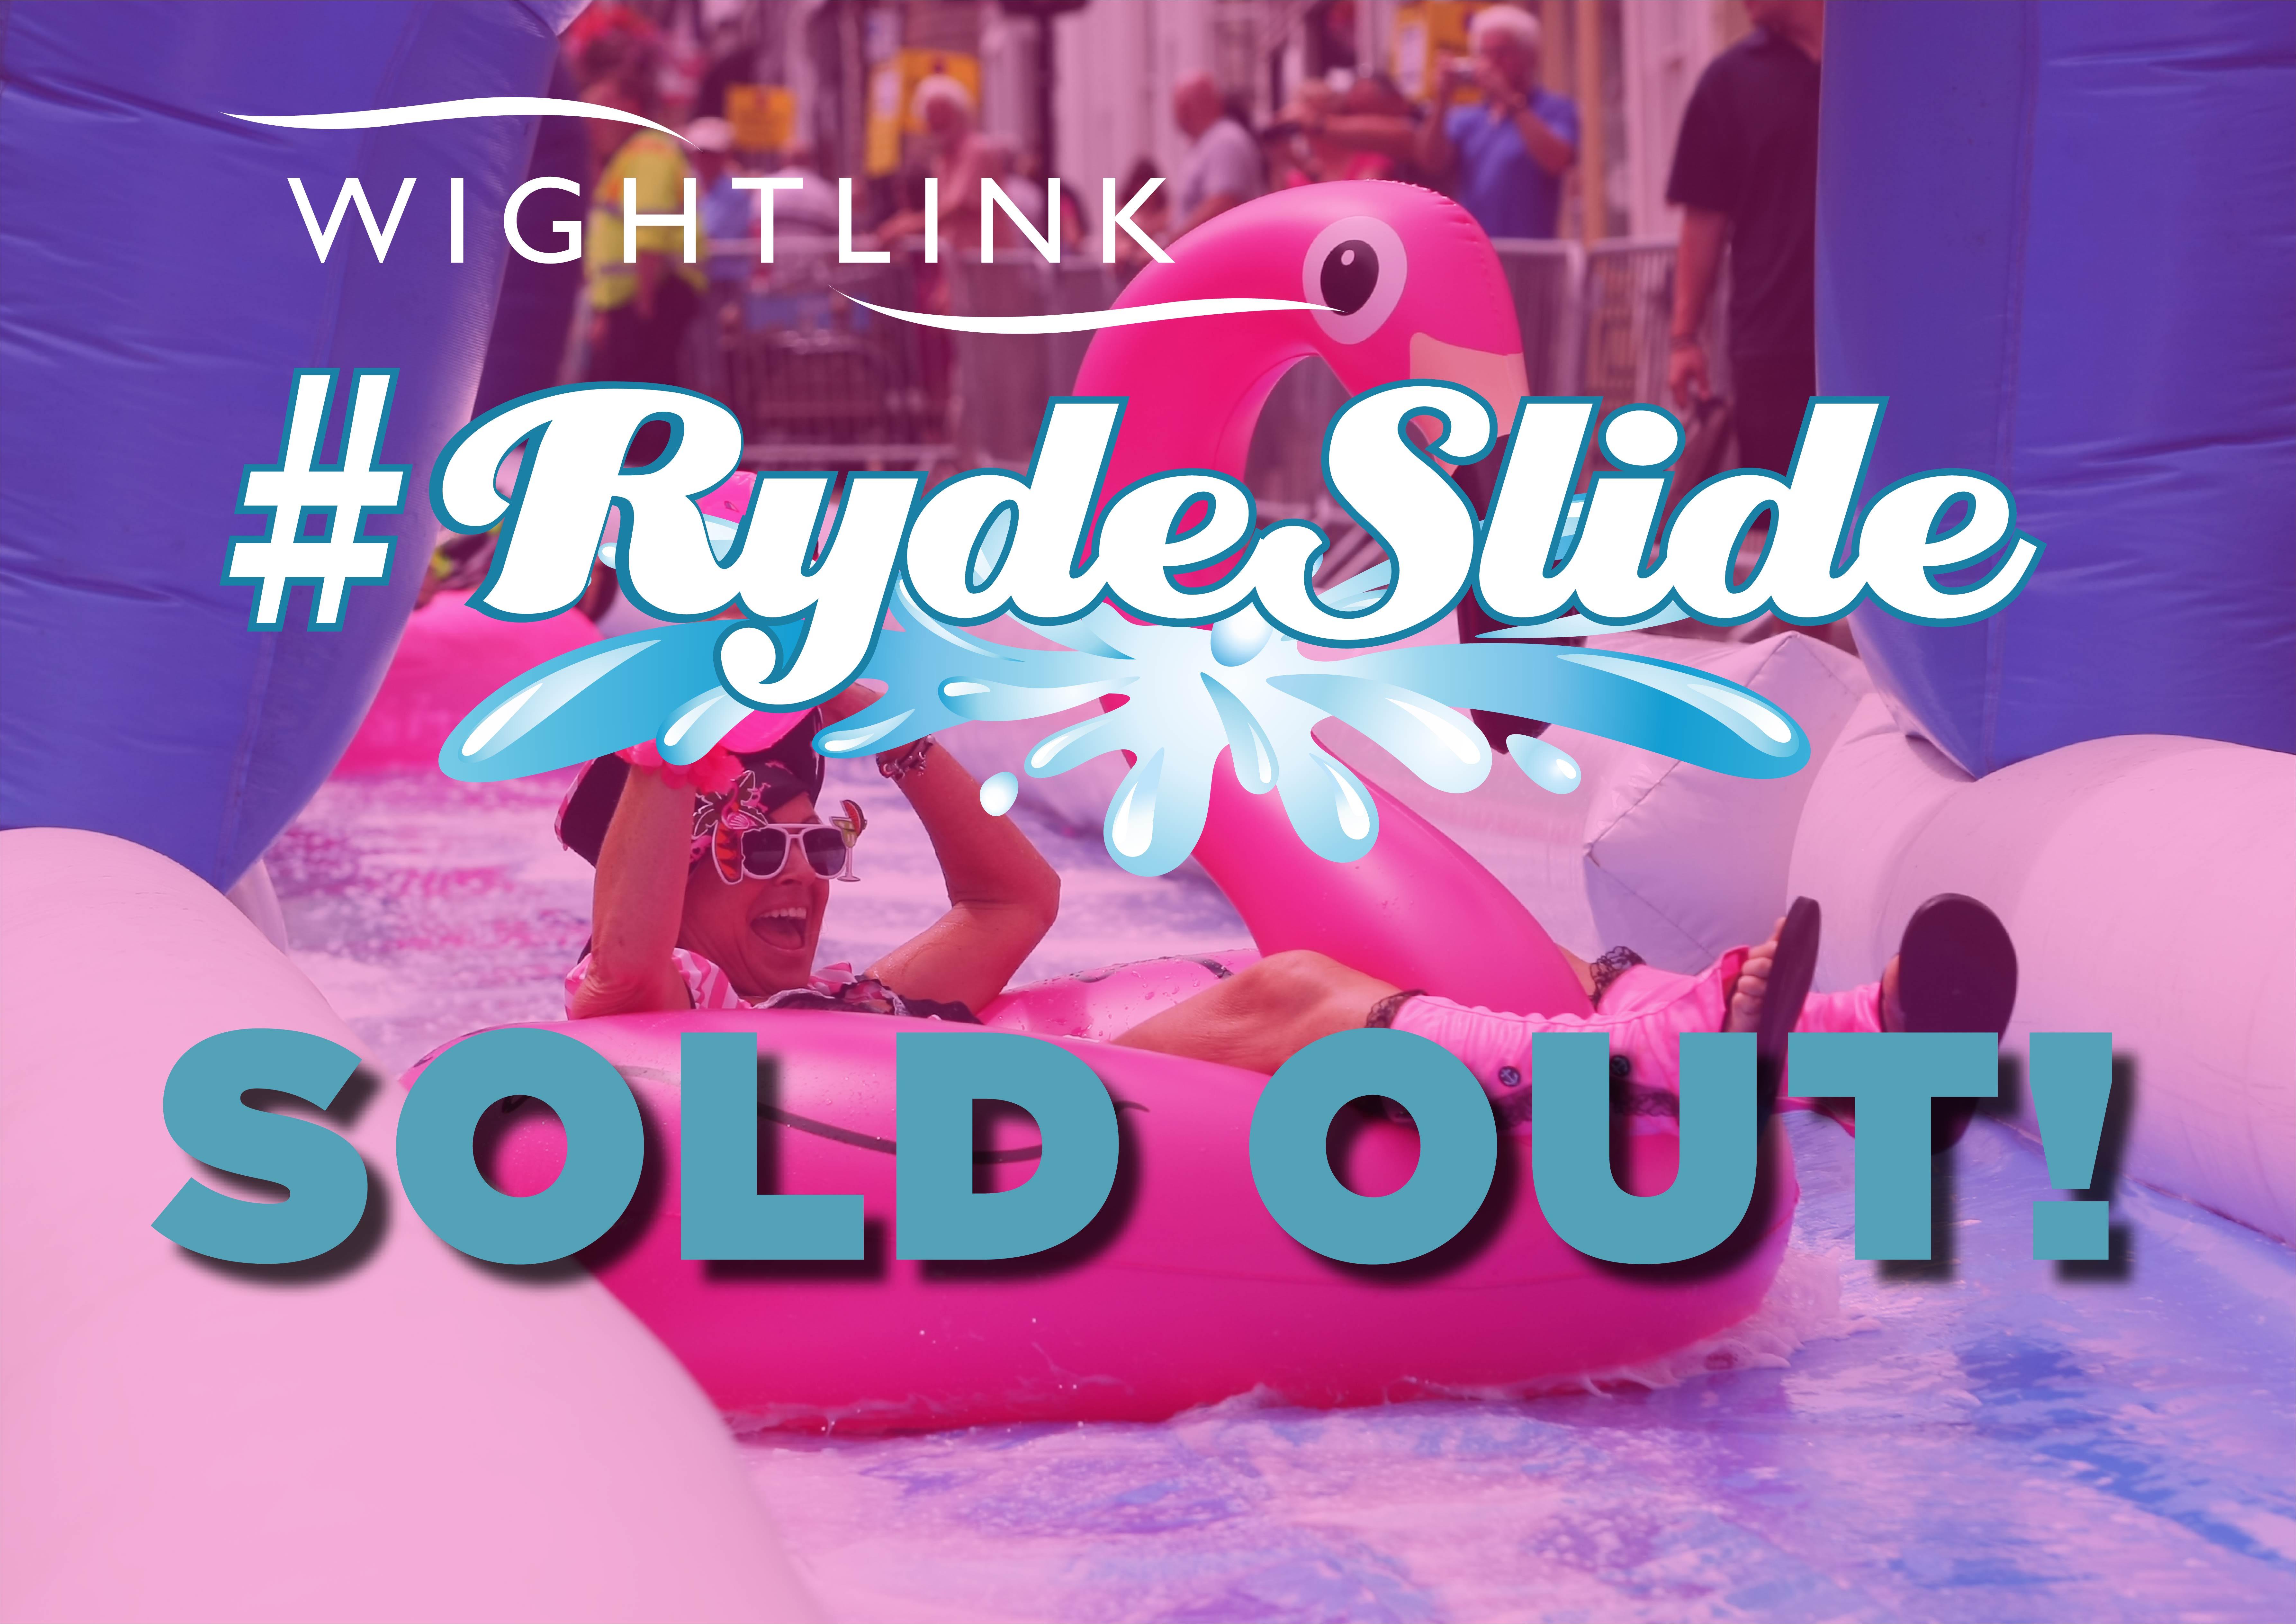 ryde slide sold out